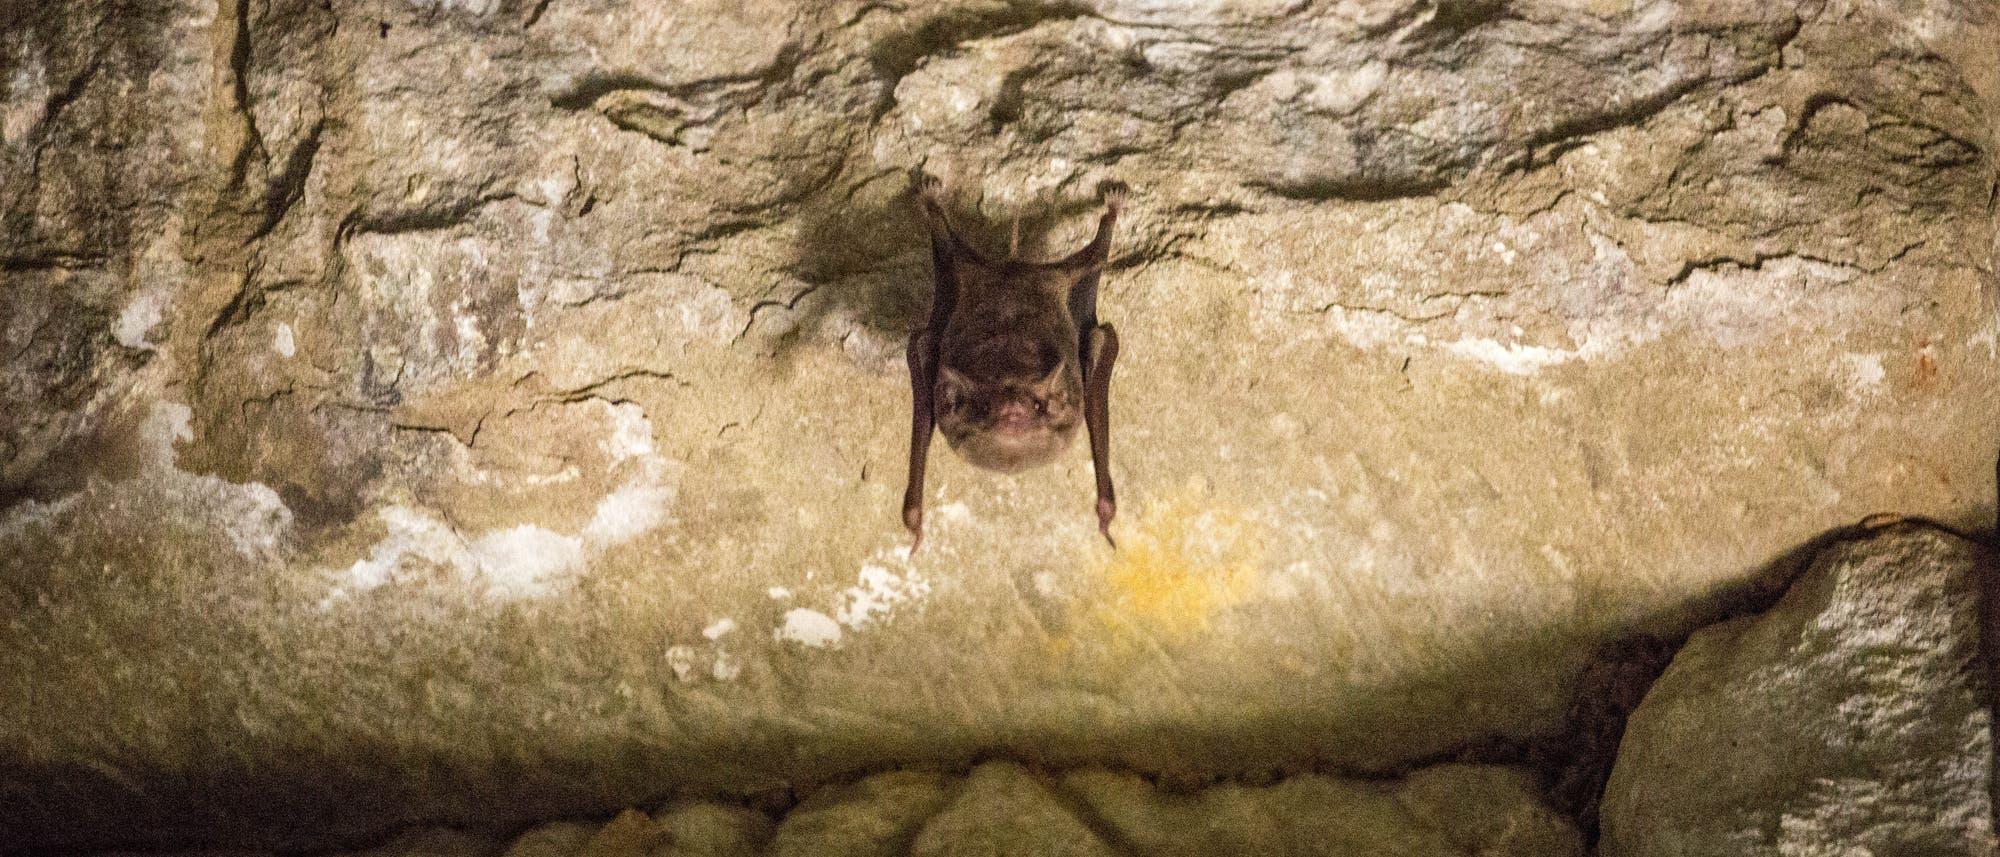 Fledermaus in kambodschanischer Höhle